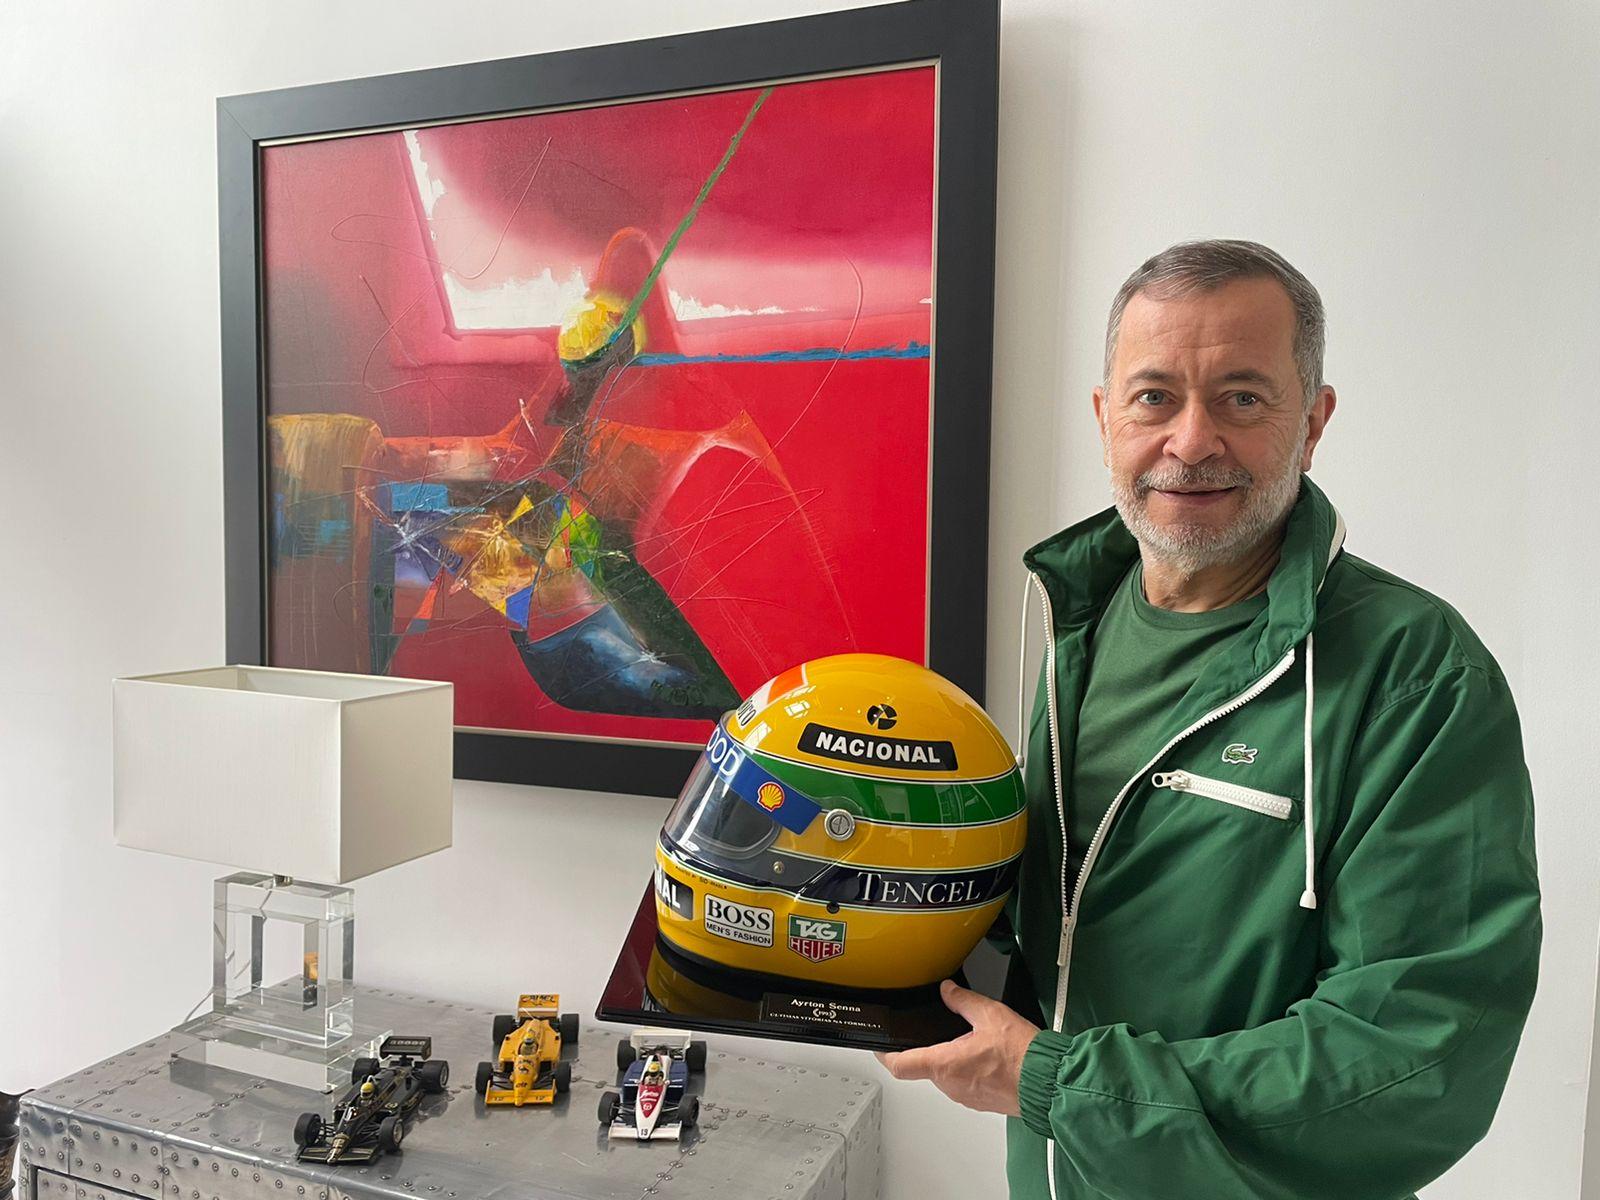 Ayrton Senna é um dos ídolos do dirigente. Foto: Arquivo Pessoal.